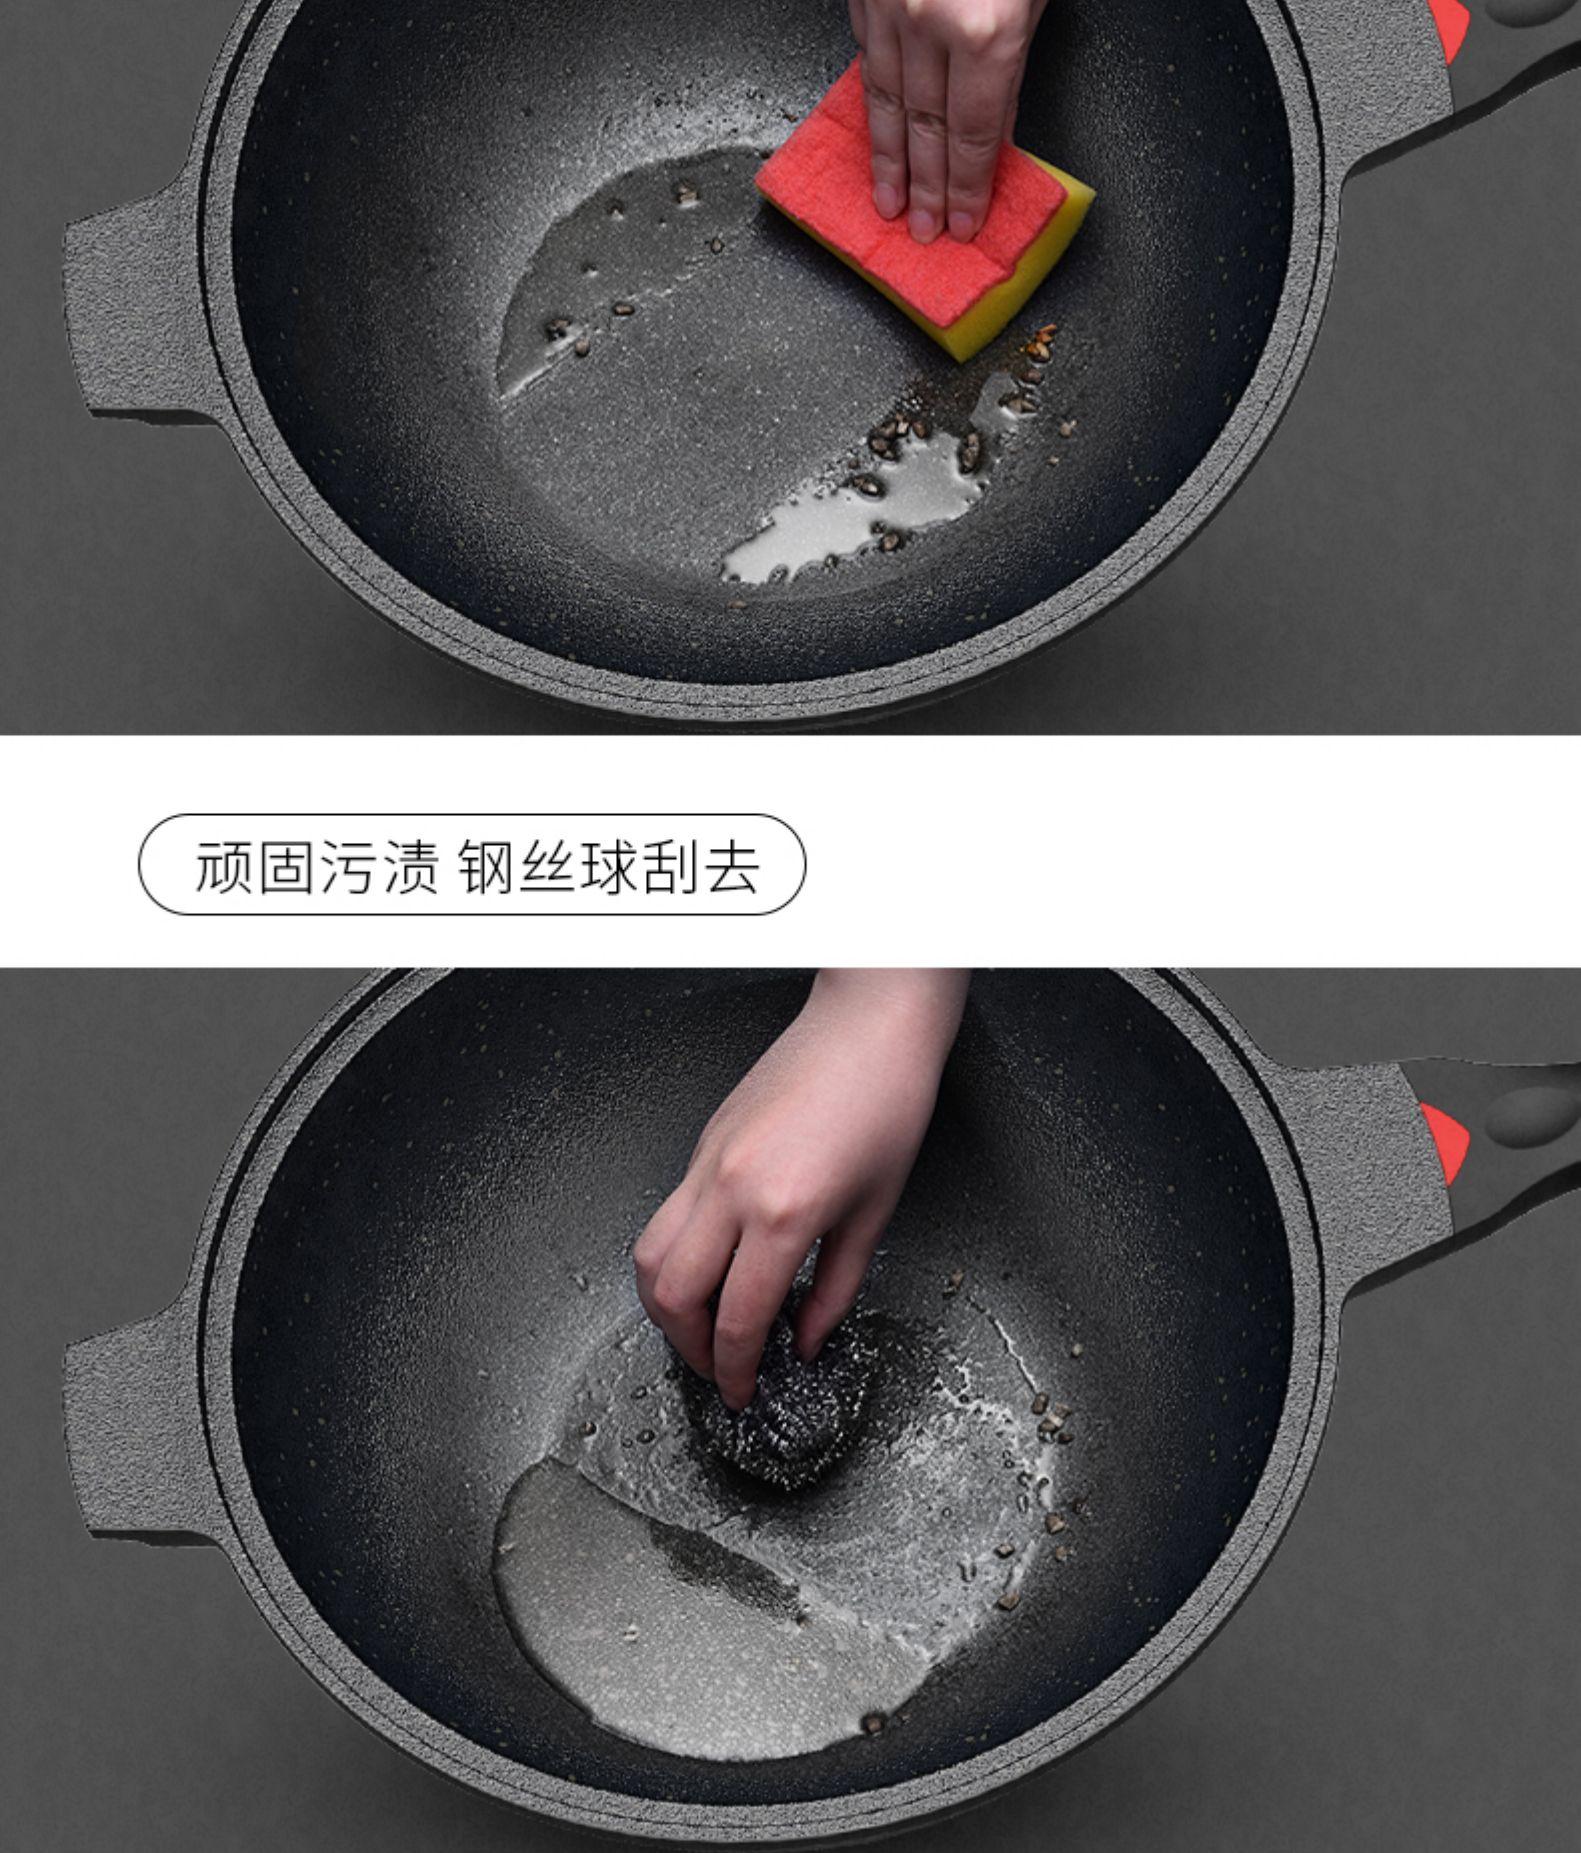 麦饭石微压锅怎么用